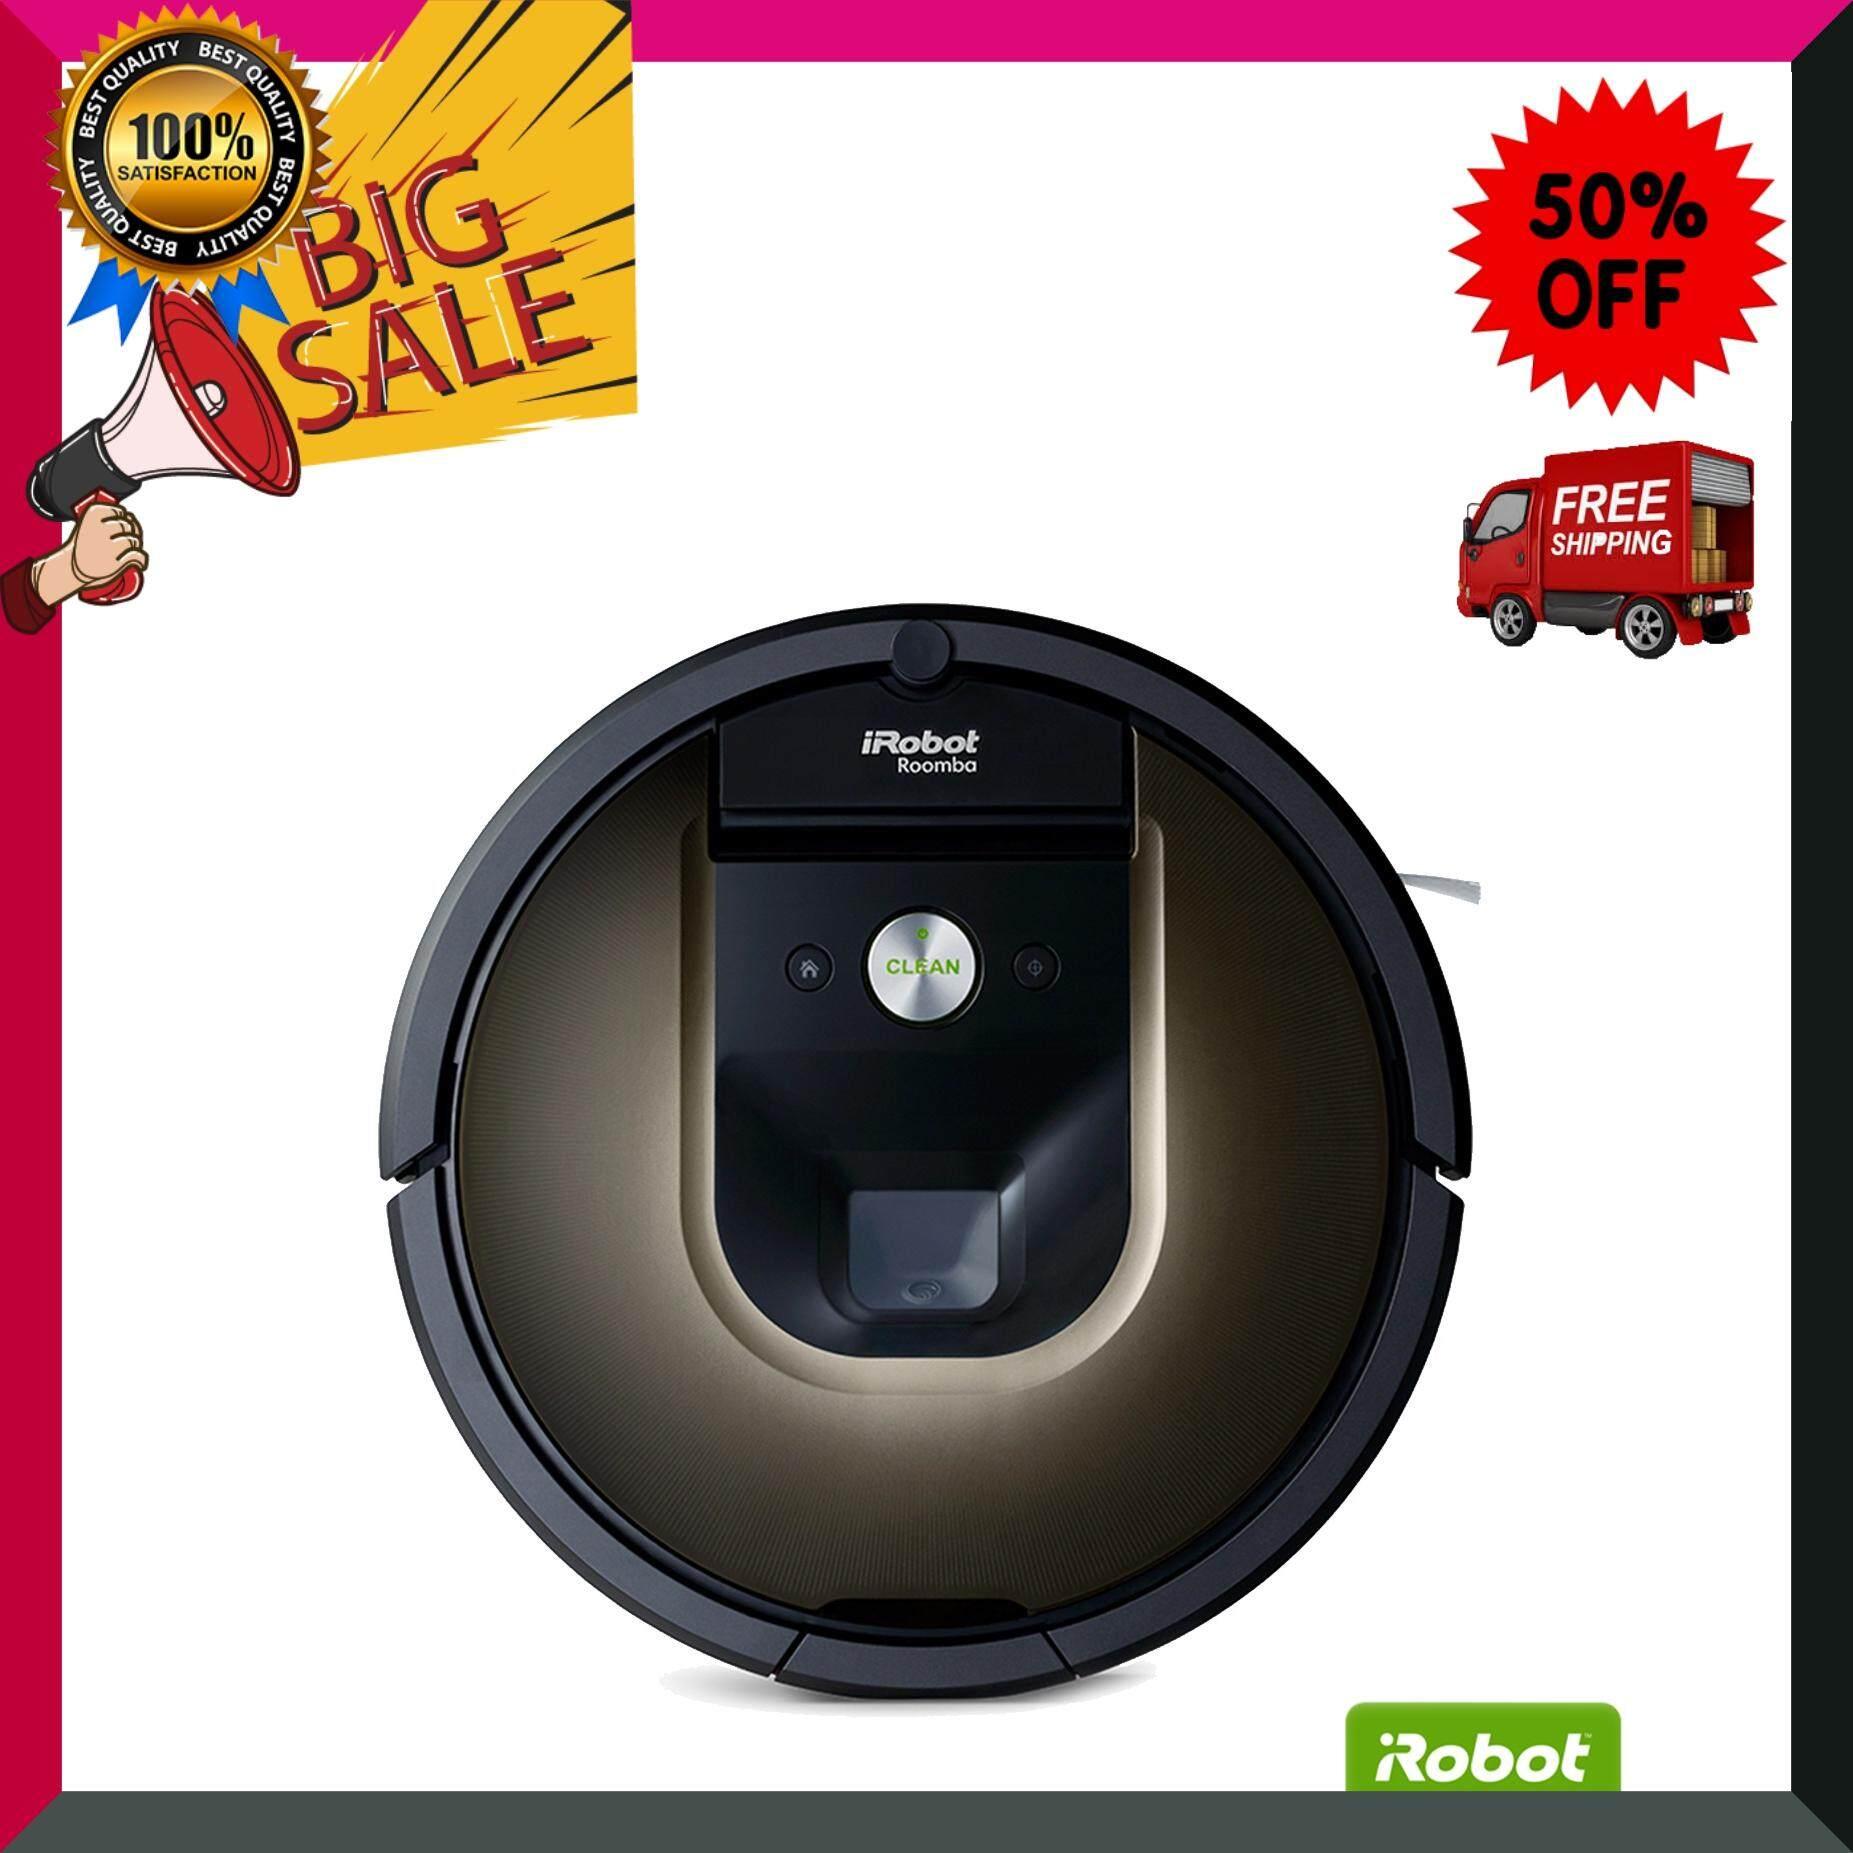 iRobot หุ่นยนต์ทำความสะอาด รุ่น Roomba 980 สีน้ำตาล เครื่องดูดฝุ่น เครื่องทำความสะอาด เครื่องดูดฝุ่นอัตโนมัติ หุ่นยนต์ดูดฝุ่น Vacuum Cleaner สินค้าคุณภาพ Premium ***จัดส่งฟรี***